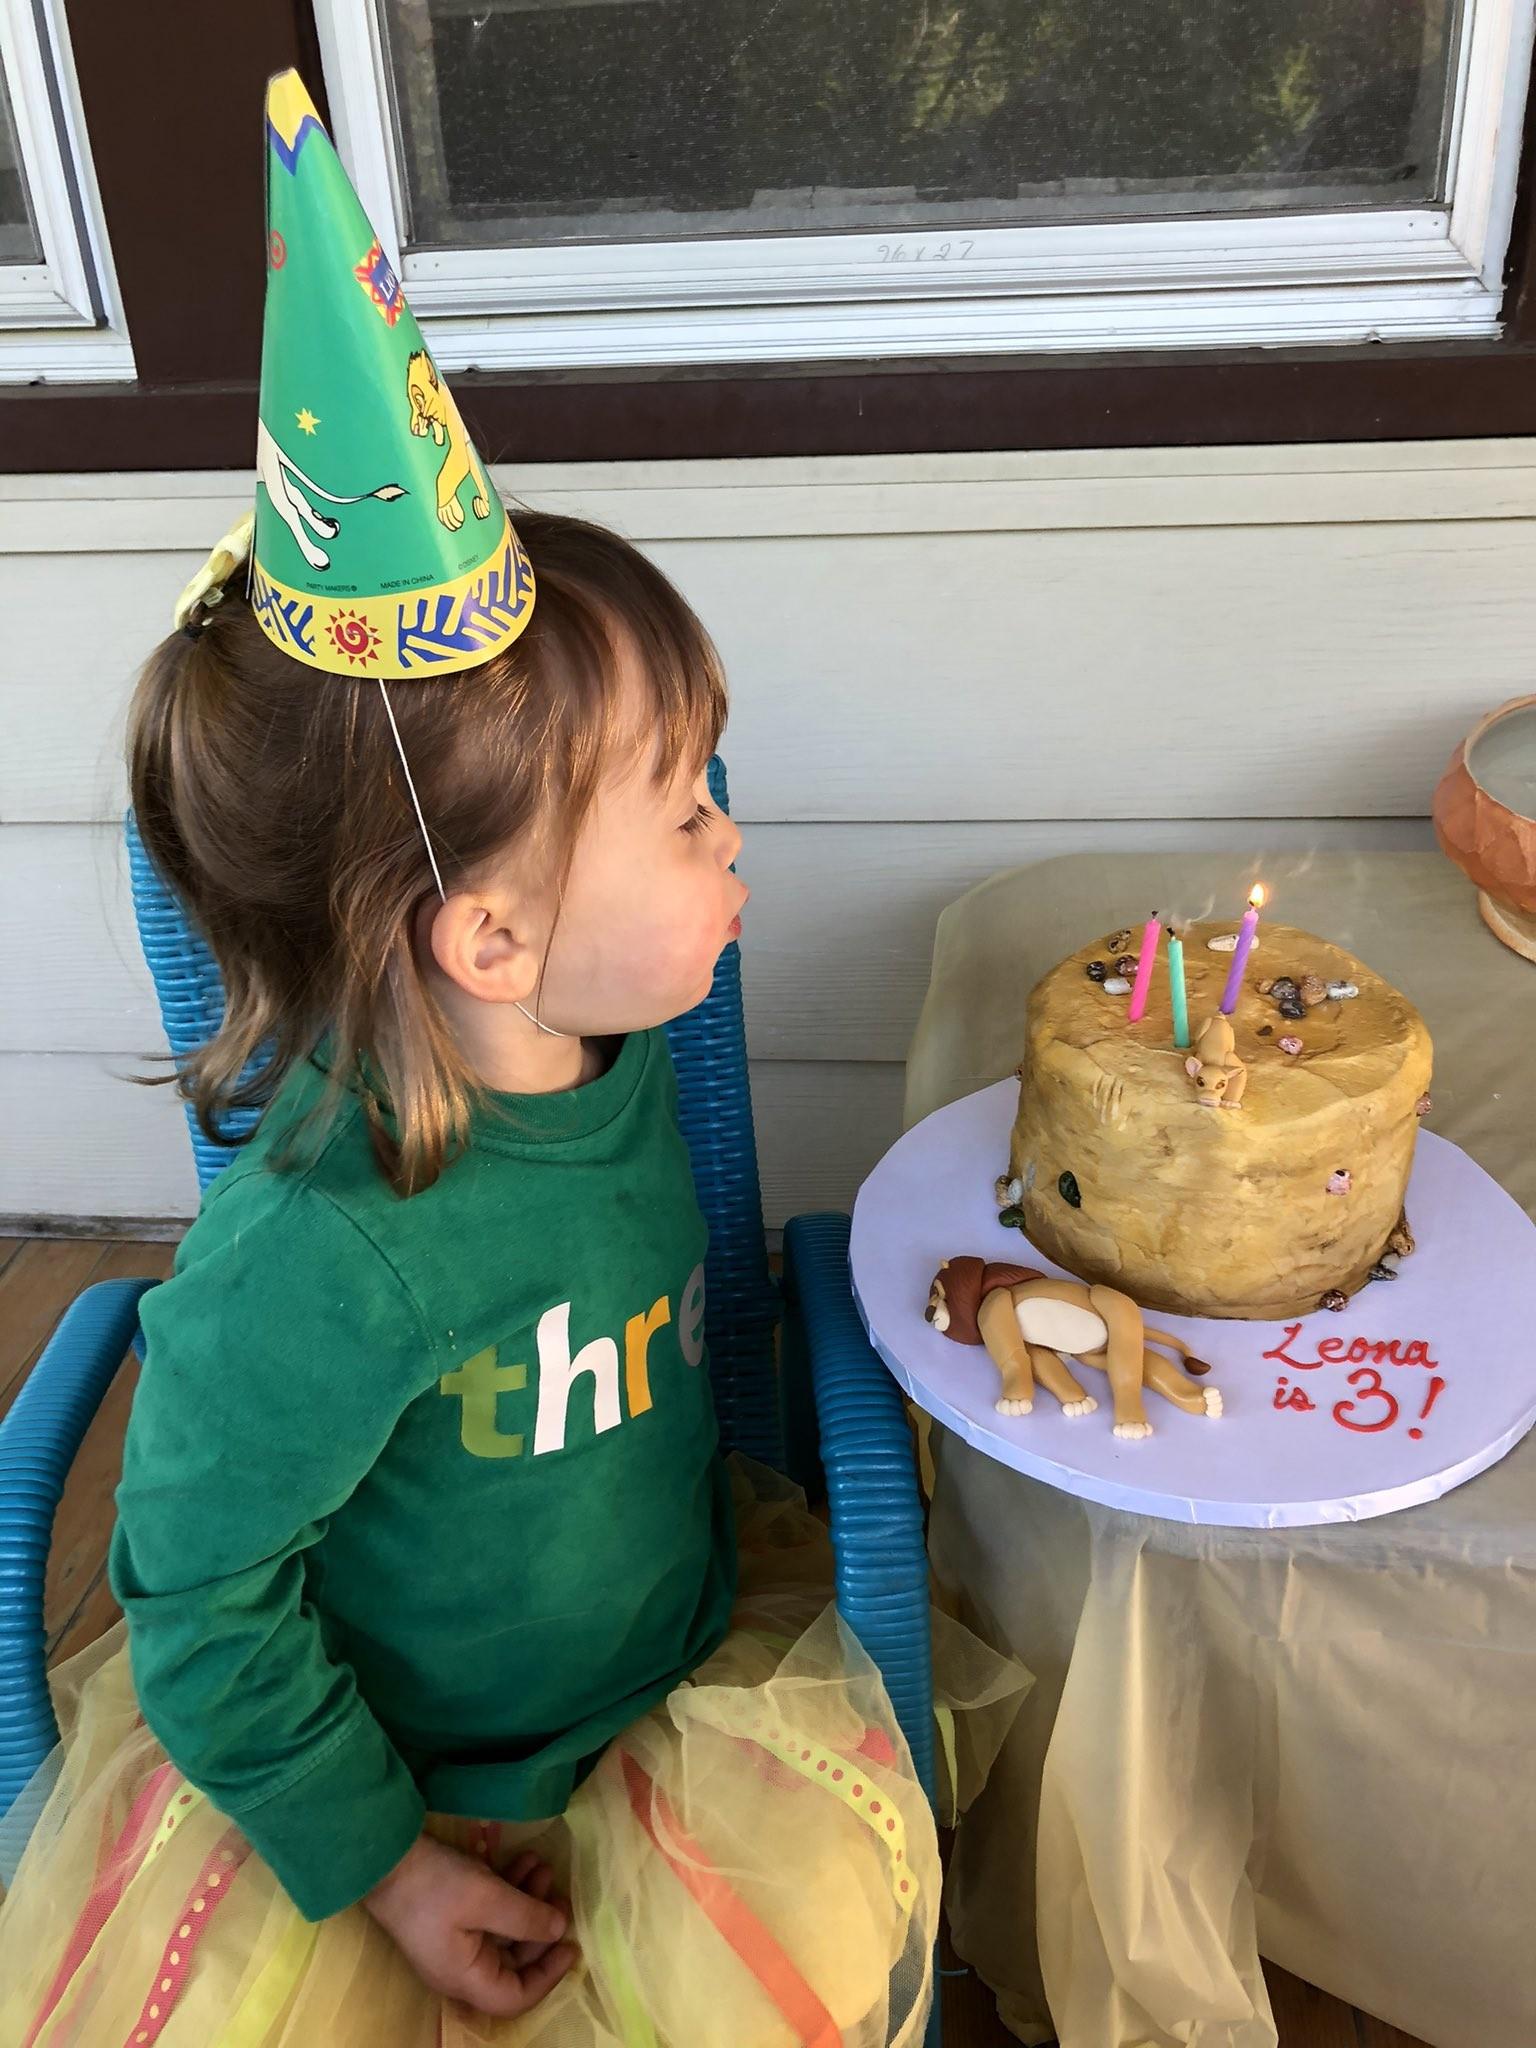 ▲▼ 3歲小女孩生日蛋糕。(圖/翻攝自Twitter/)